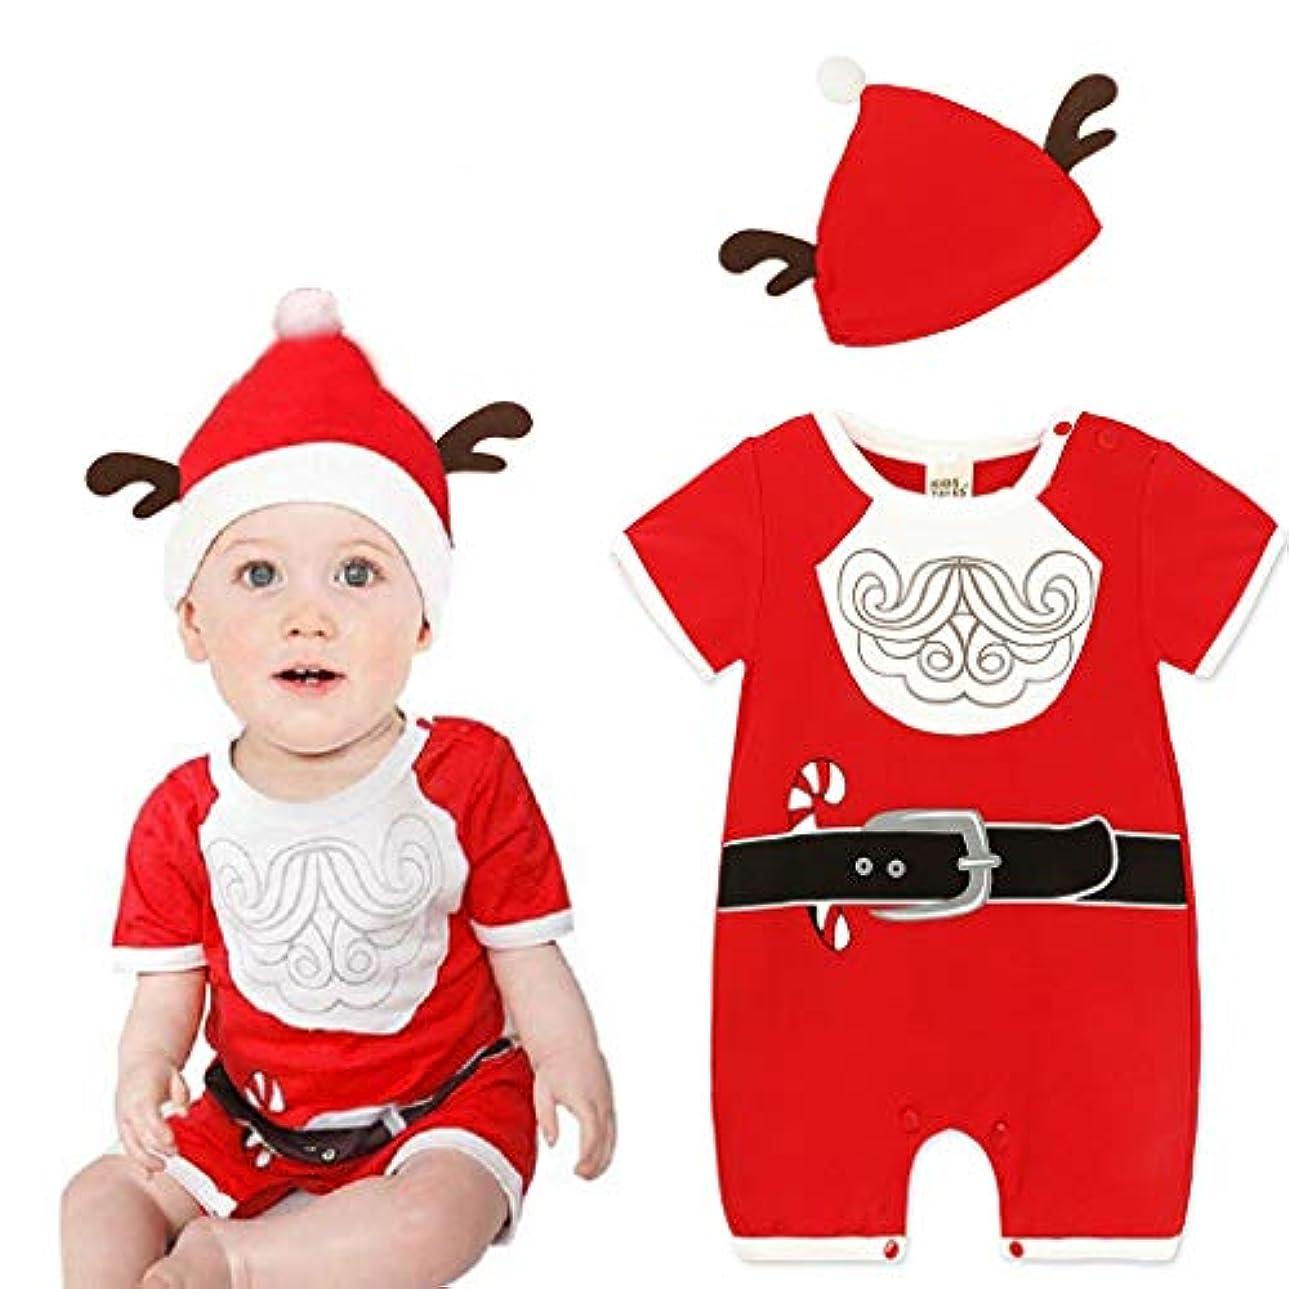 週間哀破壊的MISFIY 赤ちゃん ベビー服 着ぐるみ サンタ柄 カバーオール ロンパース キッズ コスチューム パジャマ 男の子 女の子 柔らかい かわいい カジュアル おしゃれ 出産祝い クリスマス